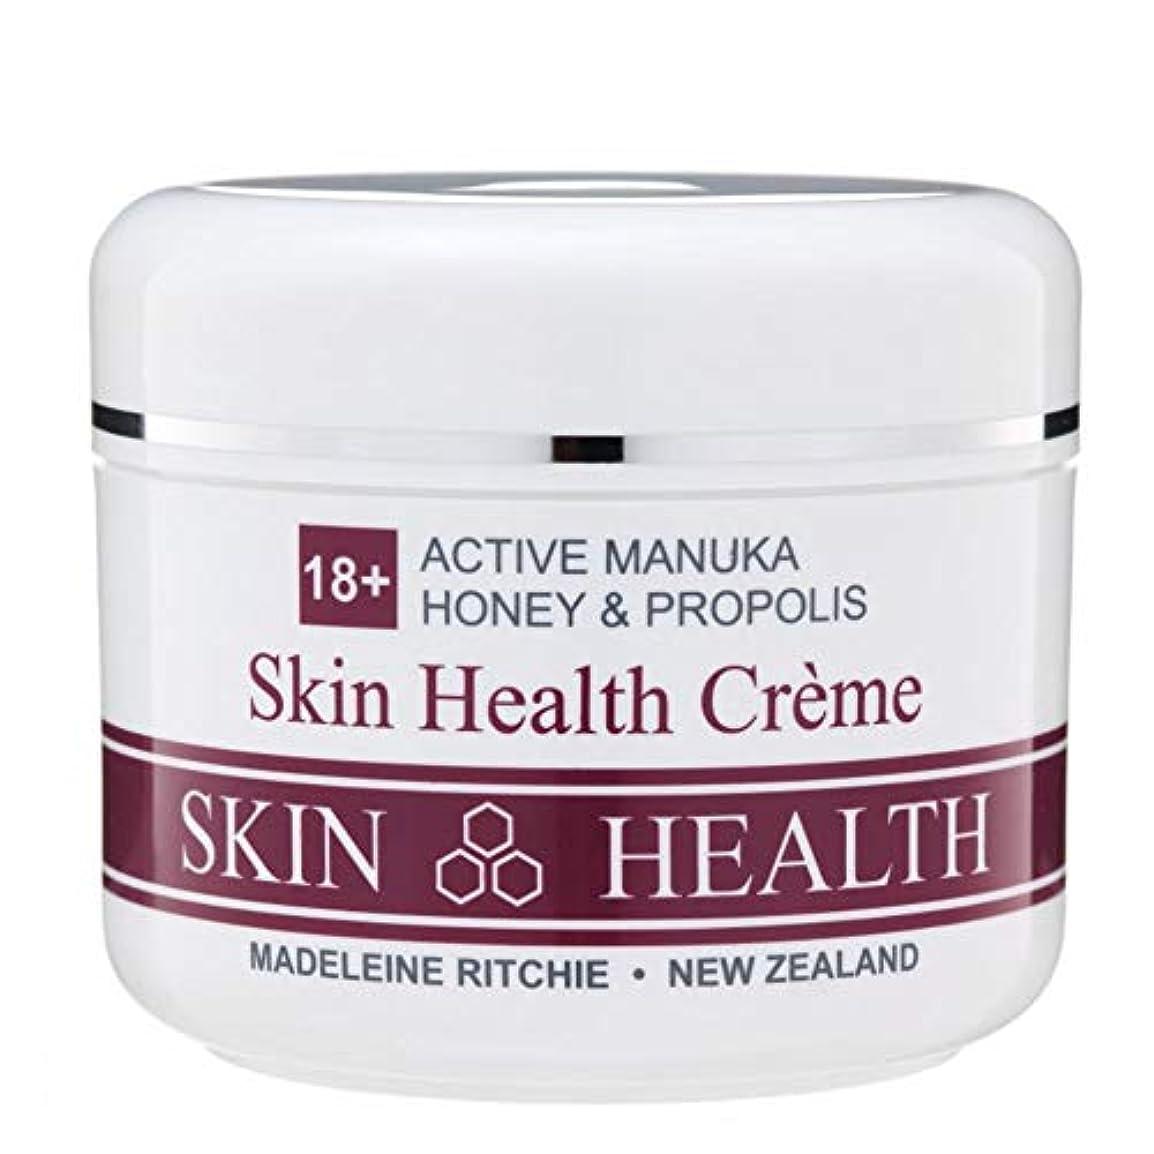 Madeleine Ritchie New Zealand Skin Health Creme 200ml